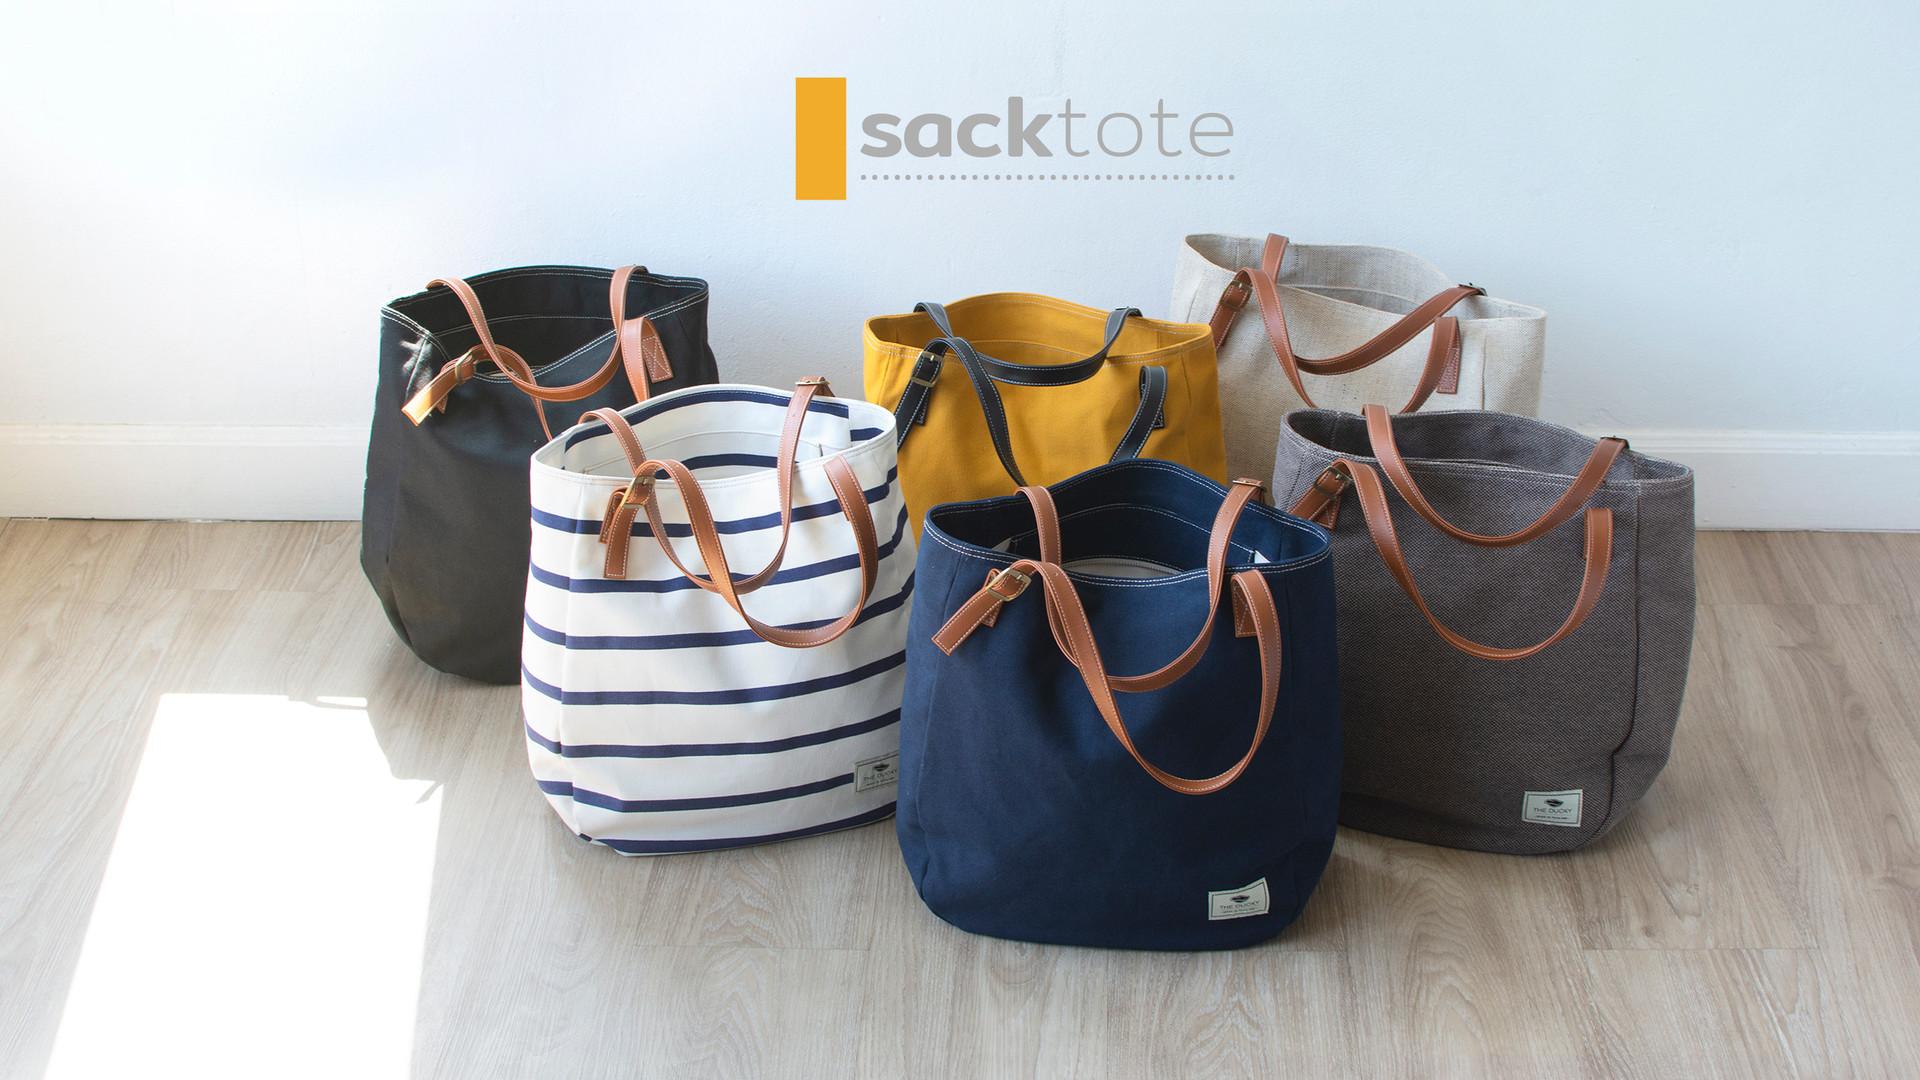 sacktote-all-02.jpg